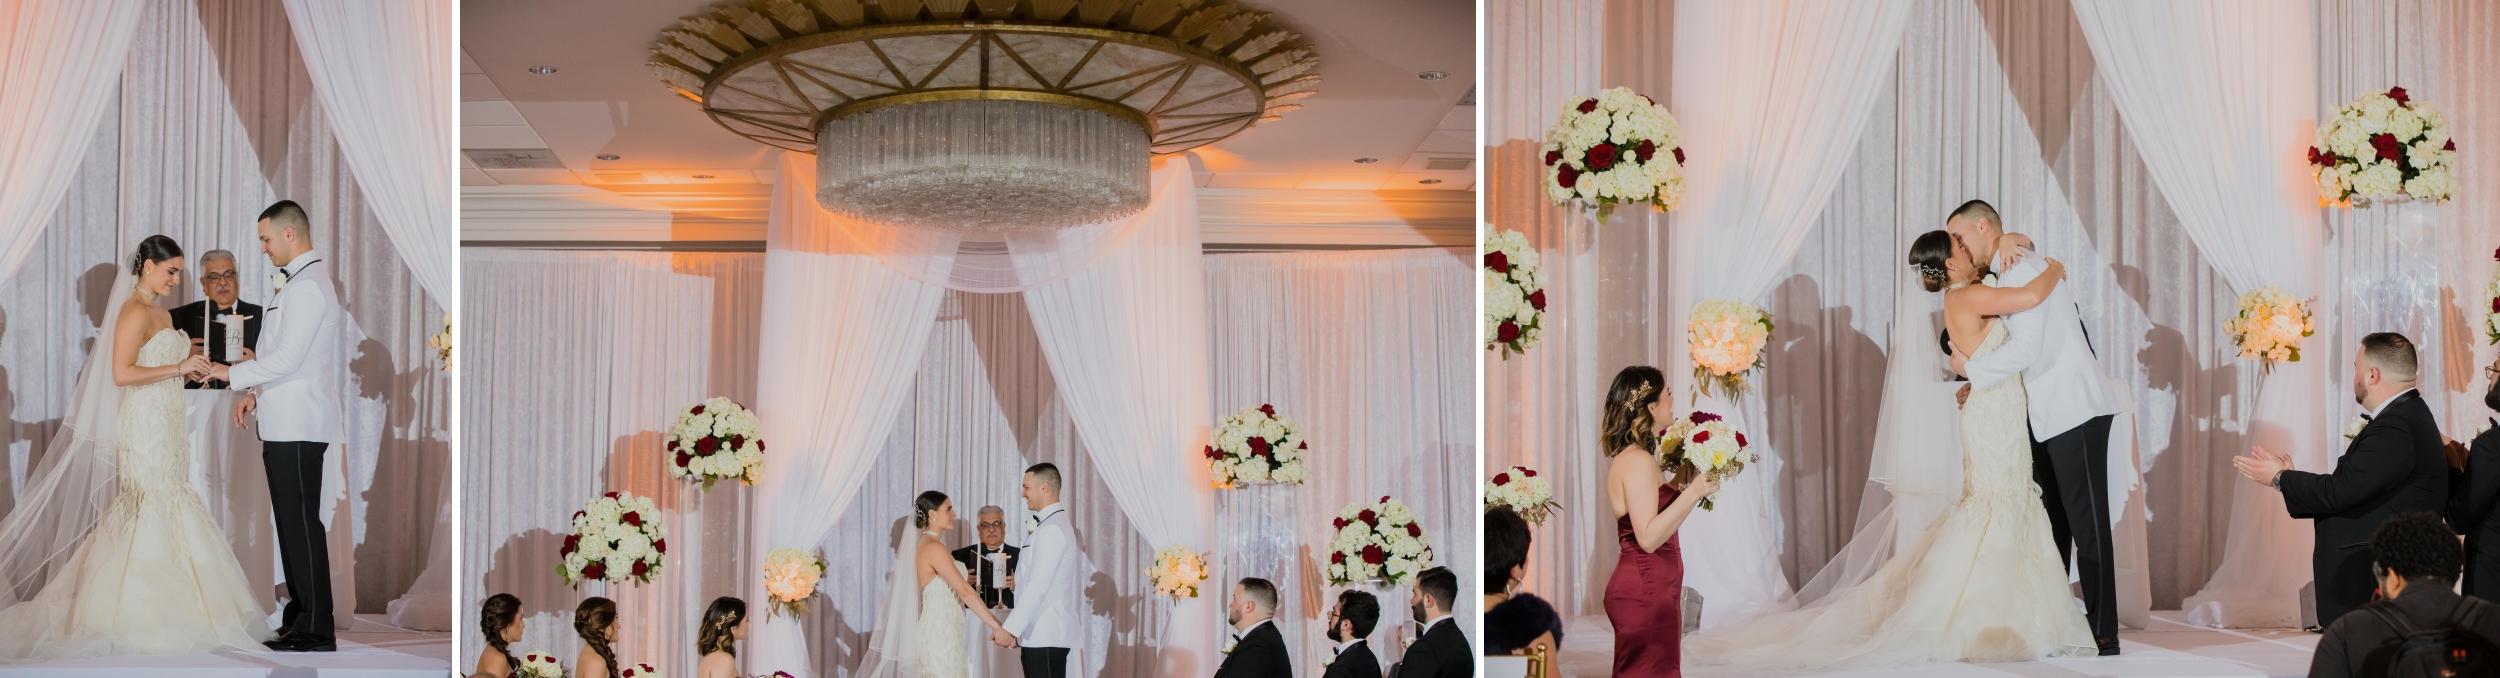 Wedding Biscayne Bay Marriott - Cassie and Jose 10.jpg